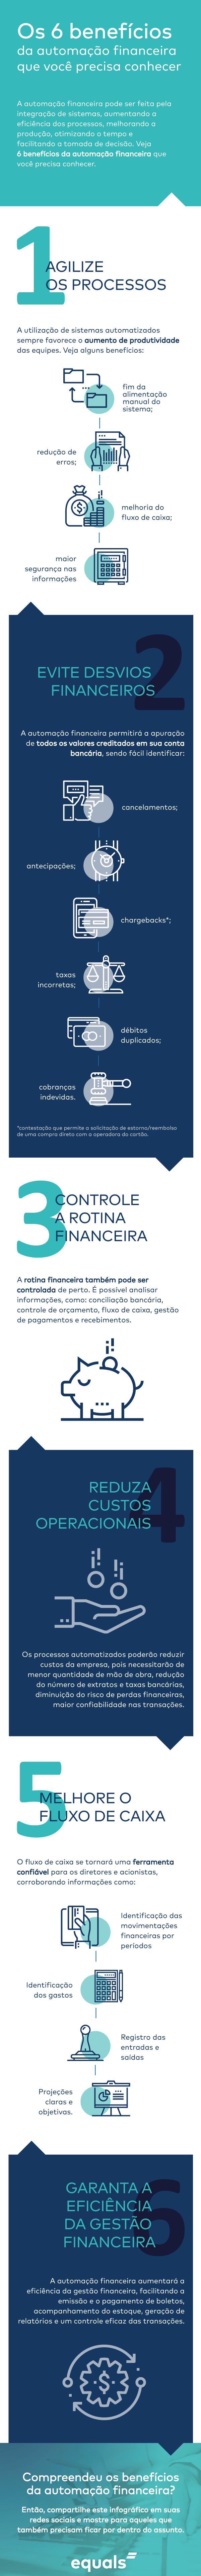 A automação financeira melhora a produção, otimizando o tempo e facilitando a tomada de decisão